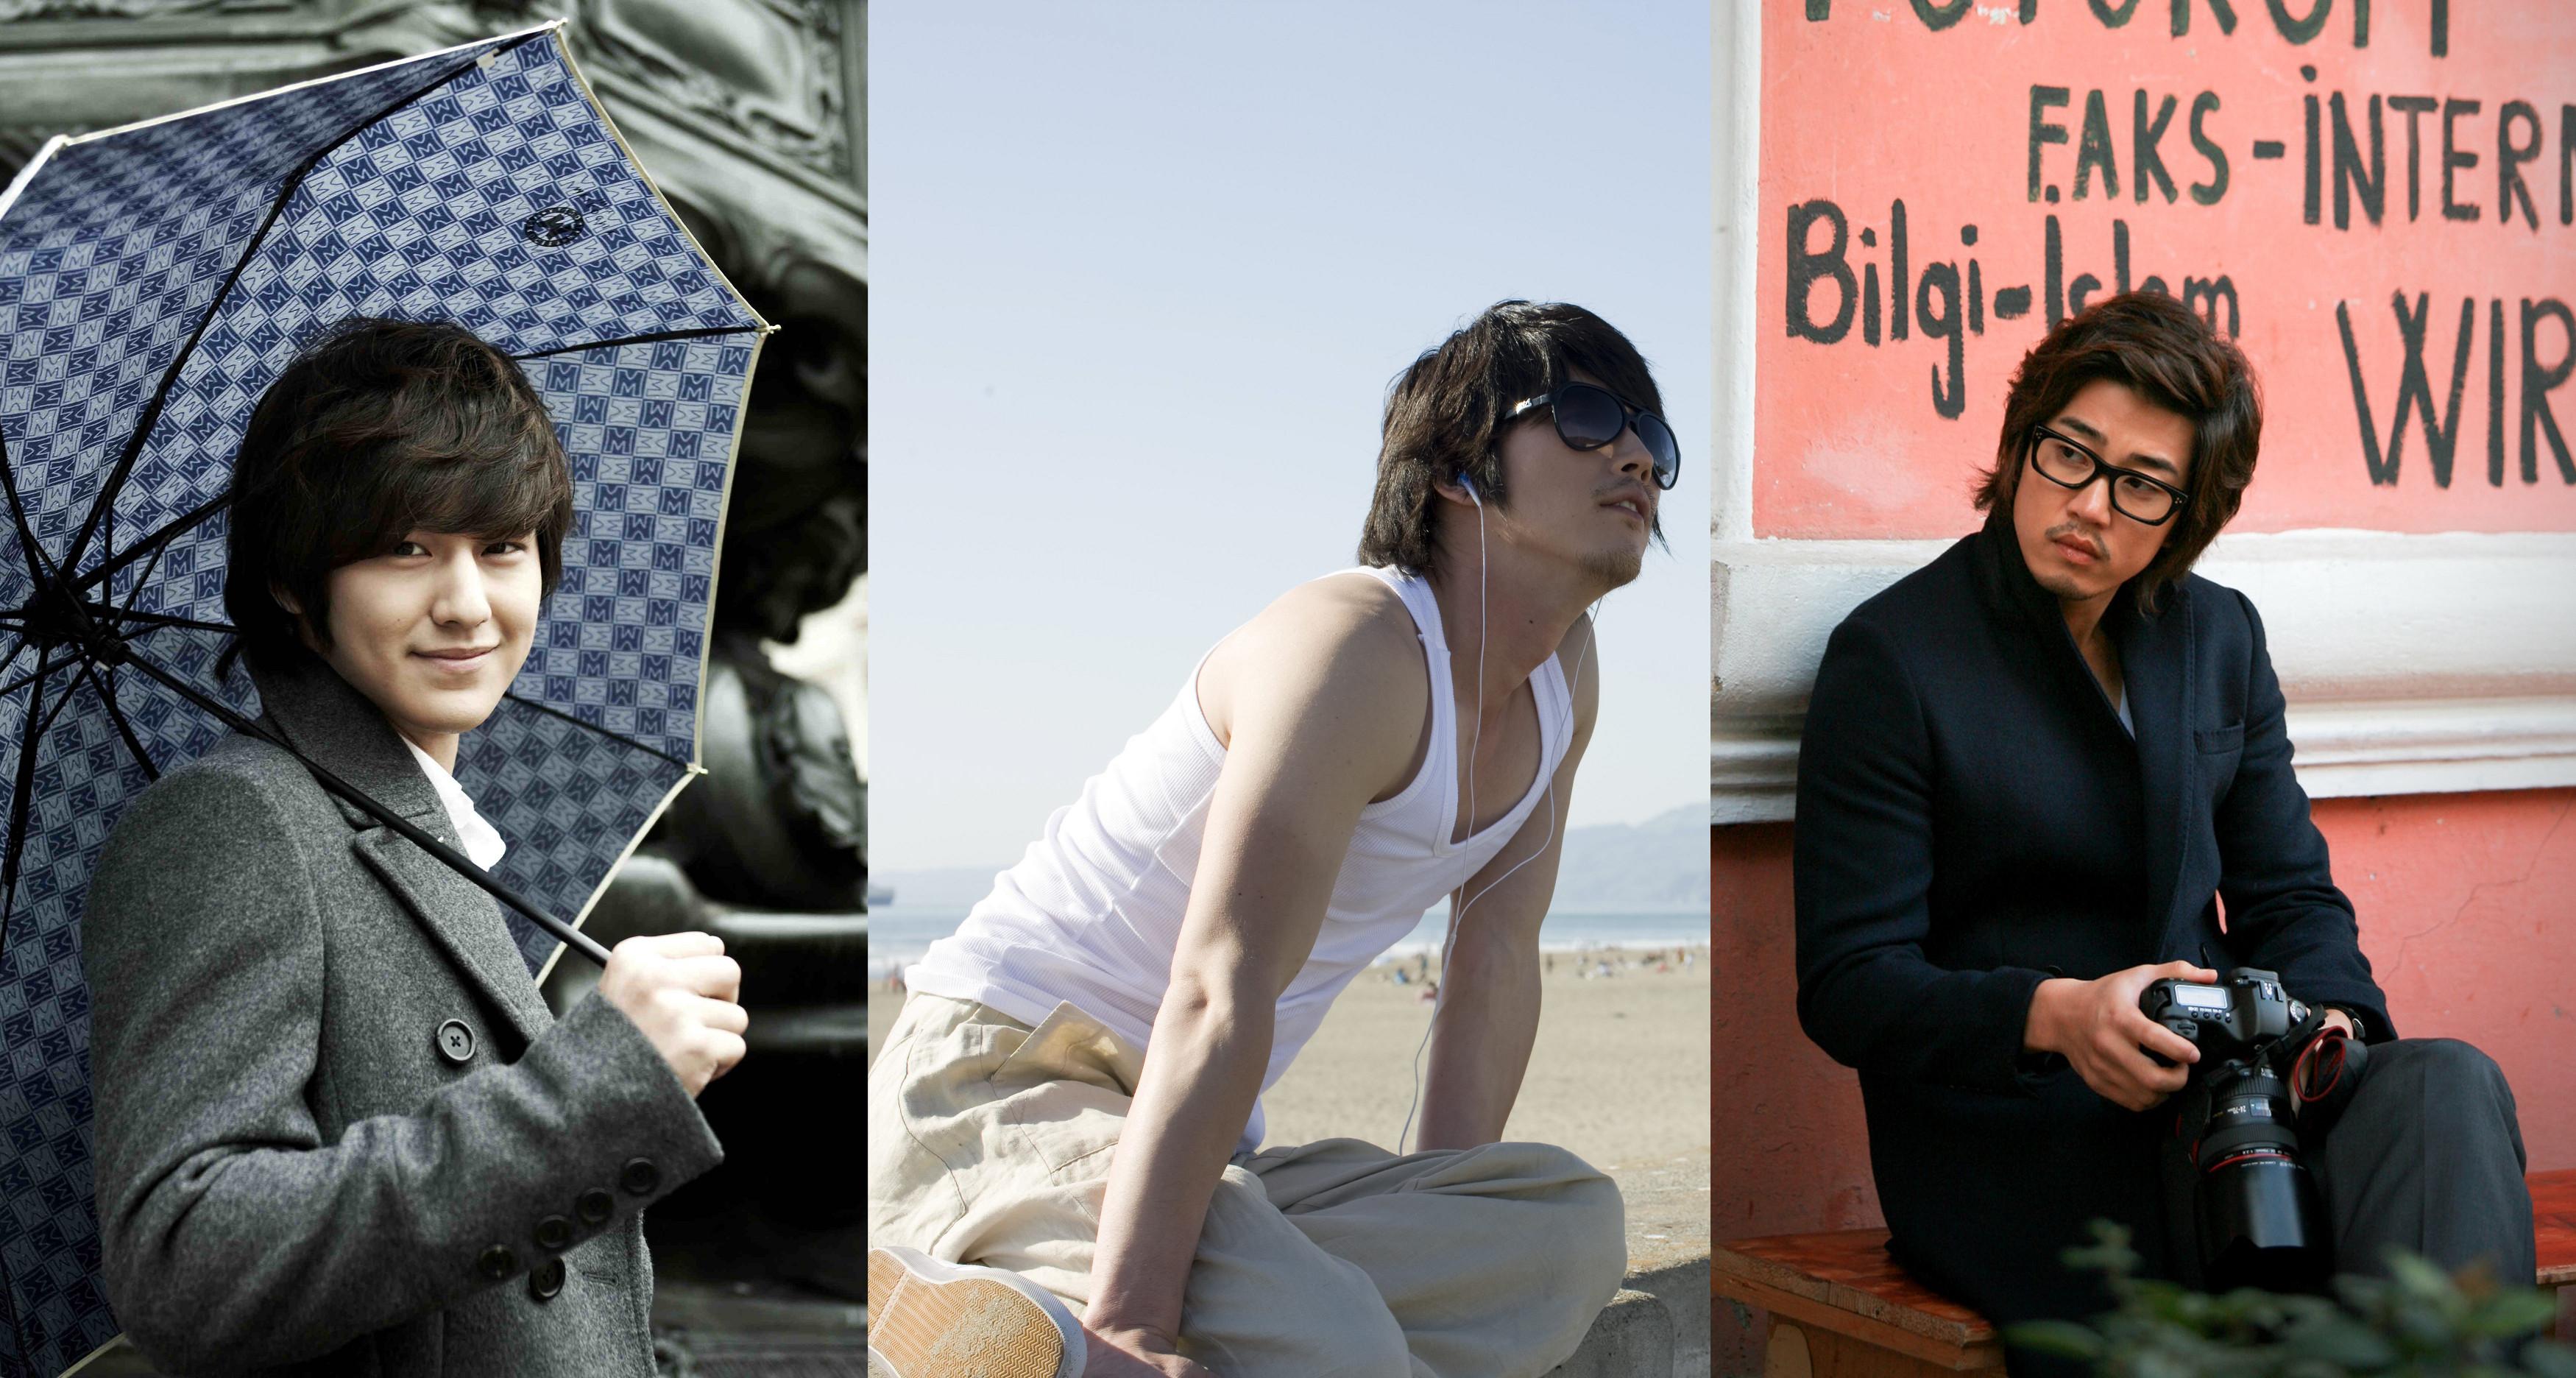 Daftar Film Bioskop Komedi Indonesia 2011